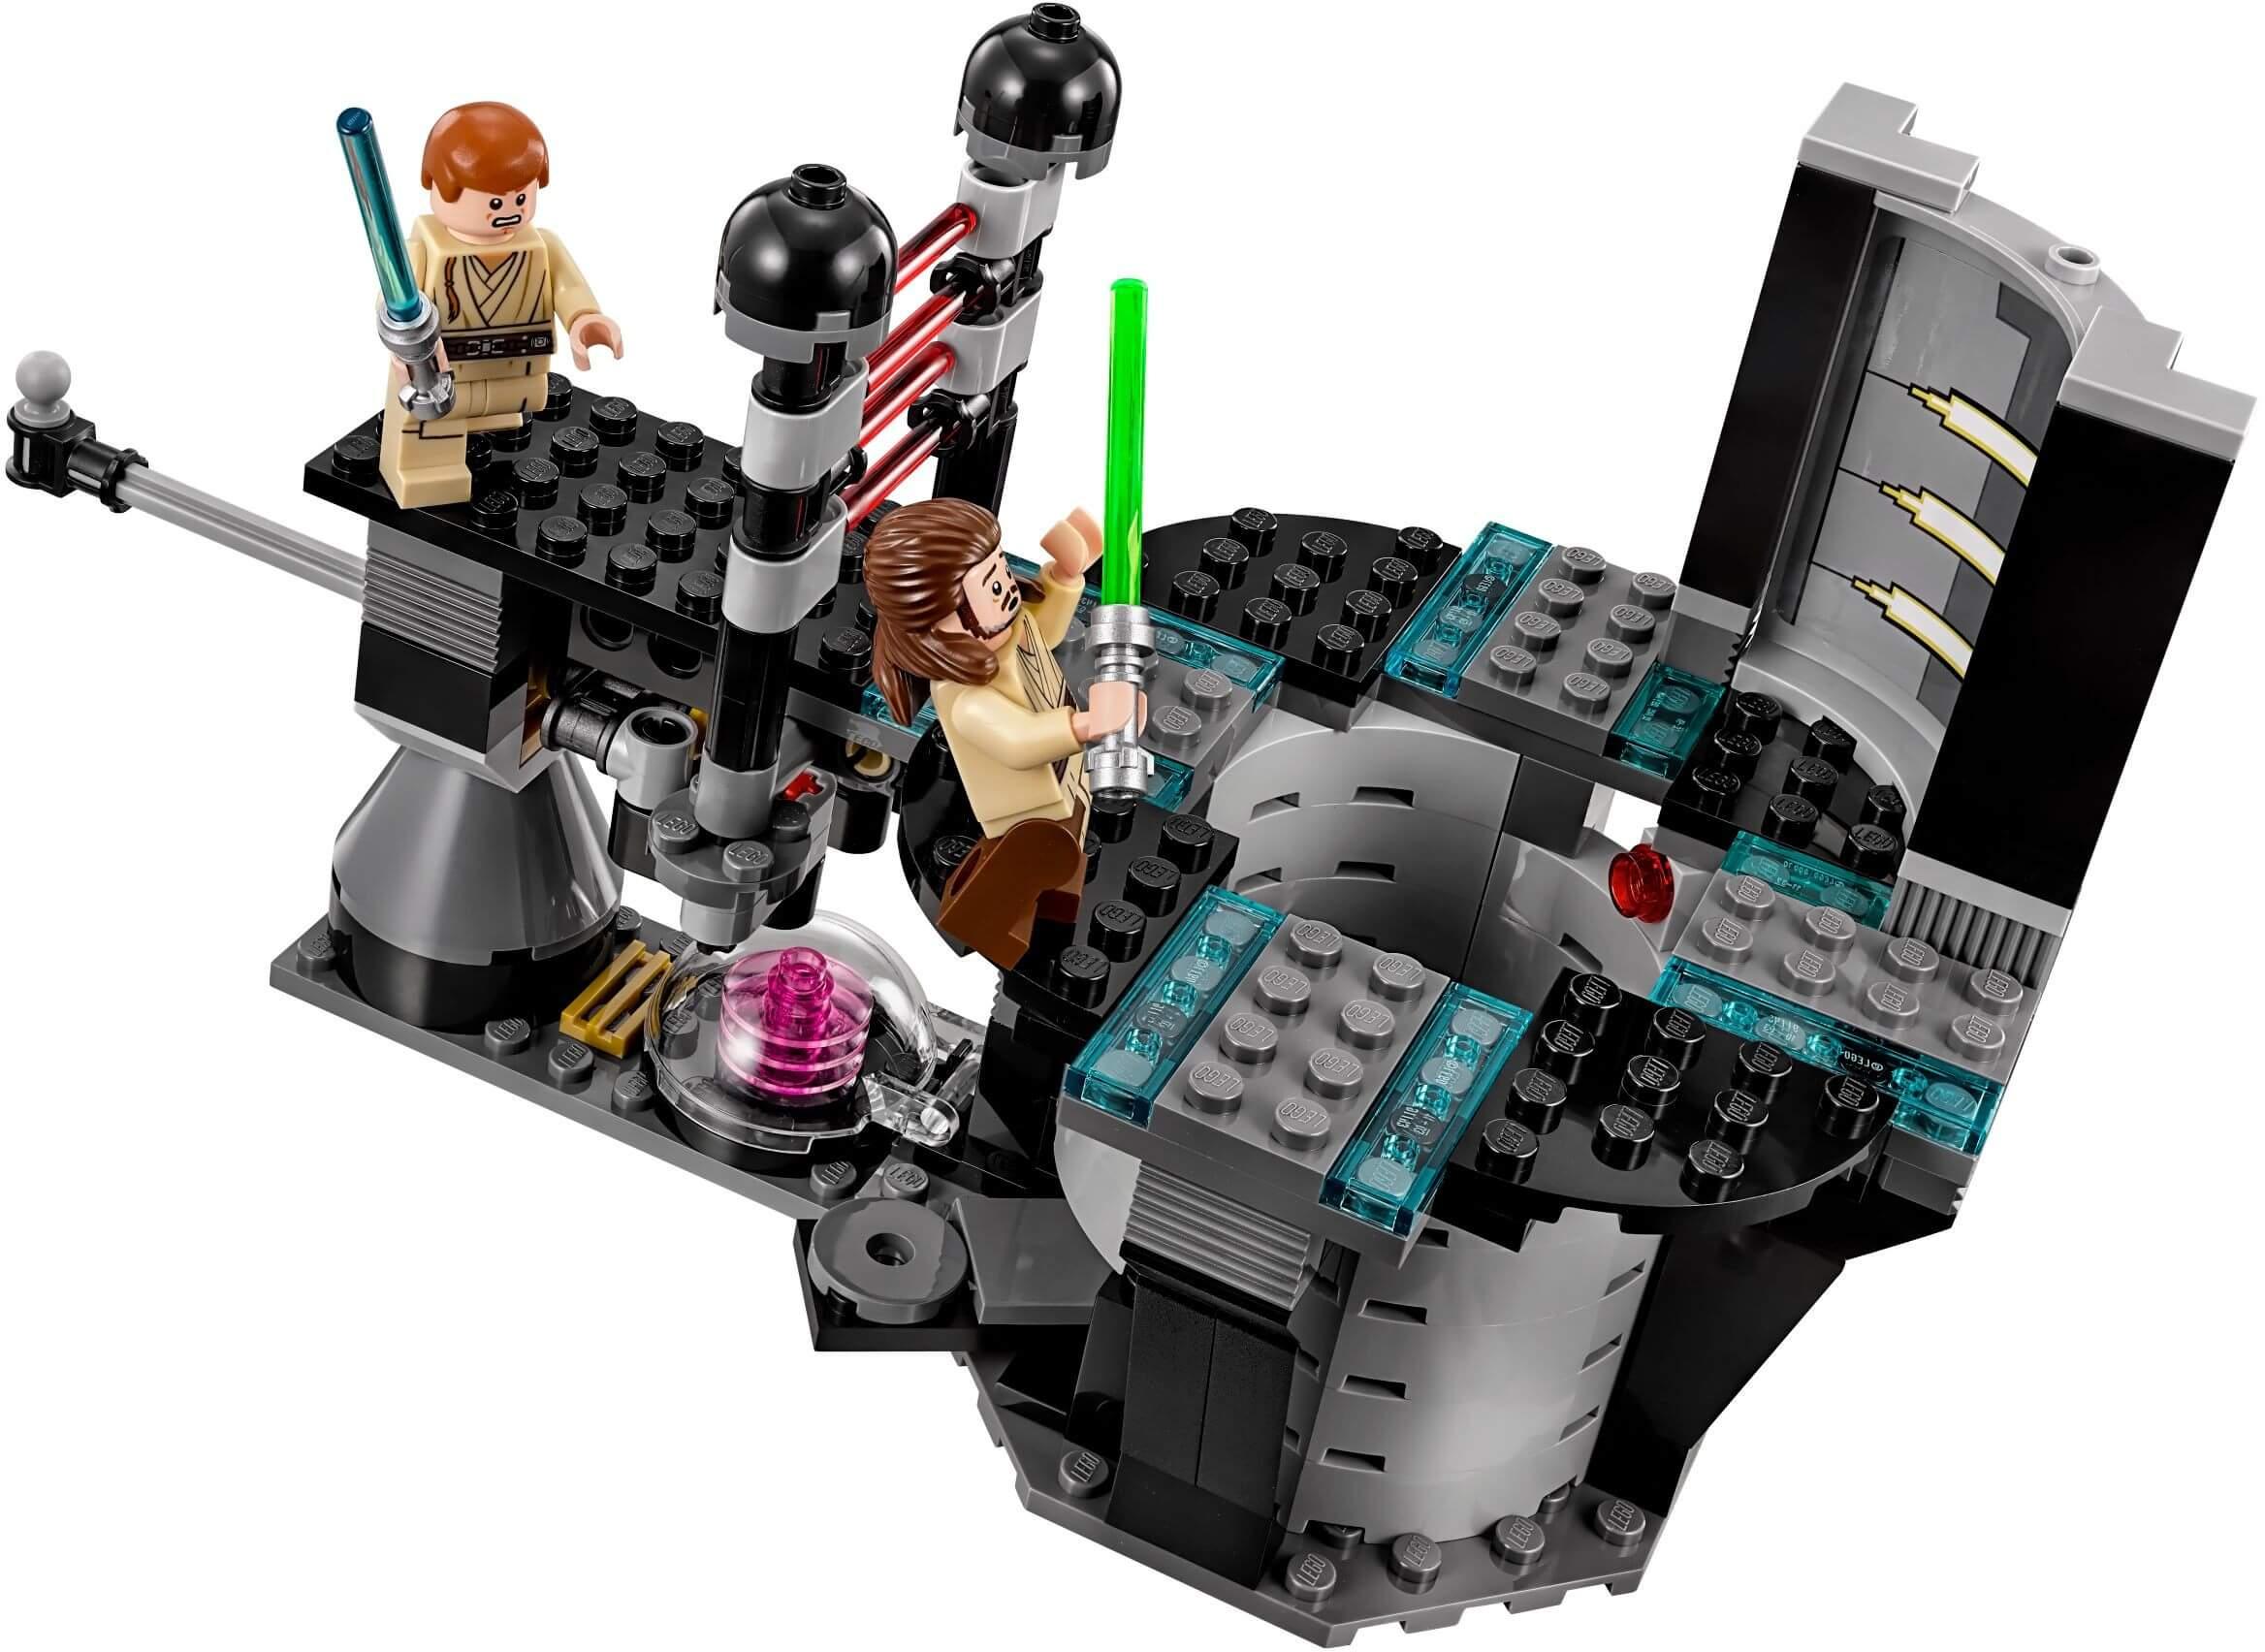 Mua đồ chơi LEGO 75169 - LEGO Star Wars 75169 - Đại Chiến trên hành tinh Naboo (LEGO 75169 Duel on Naboo)